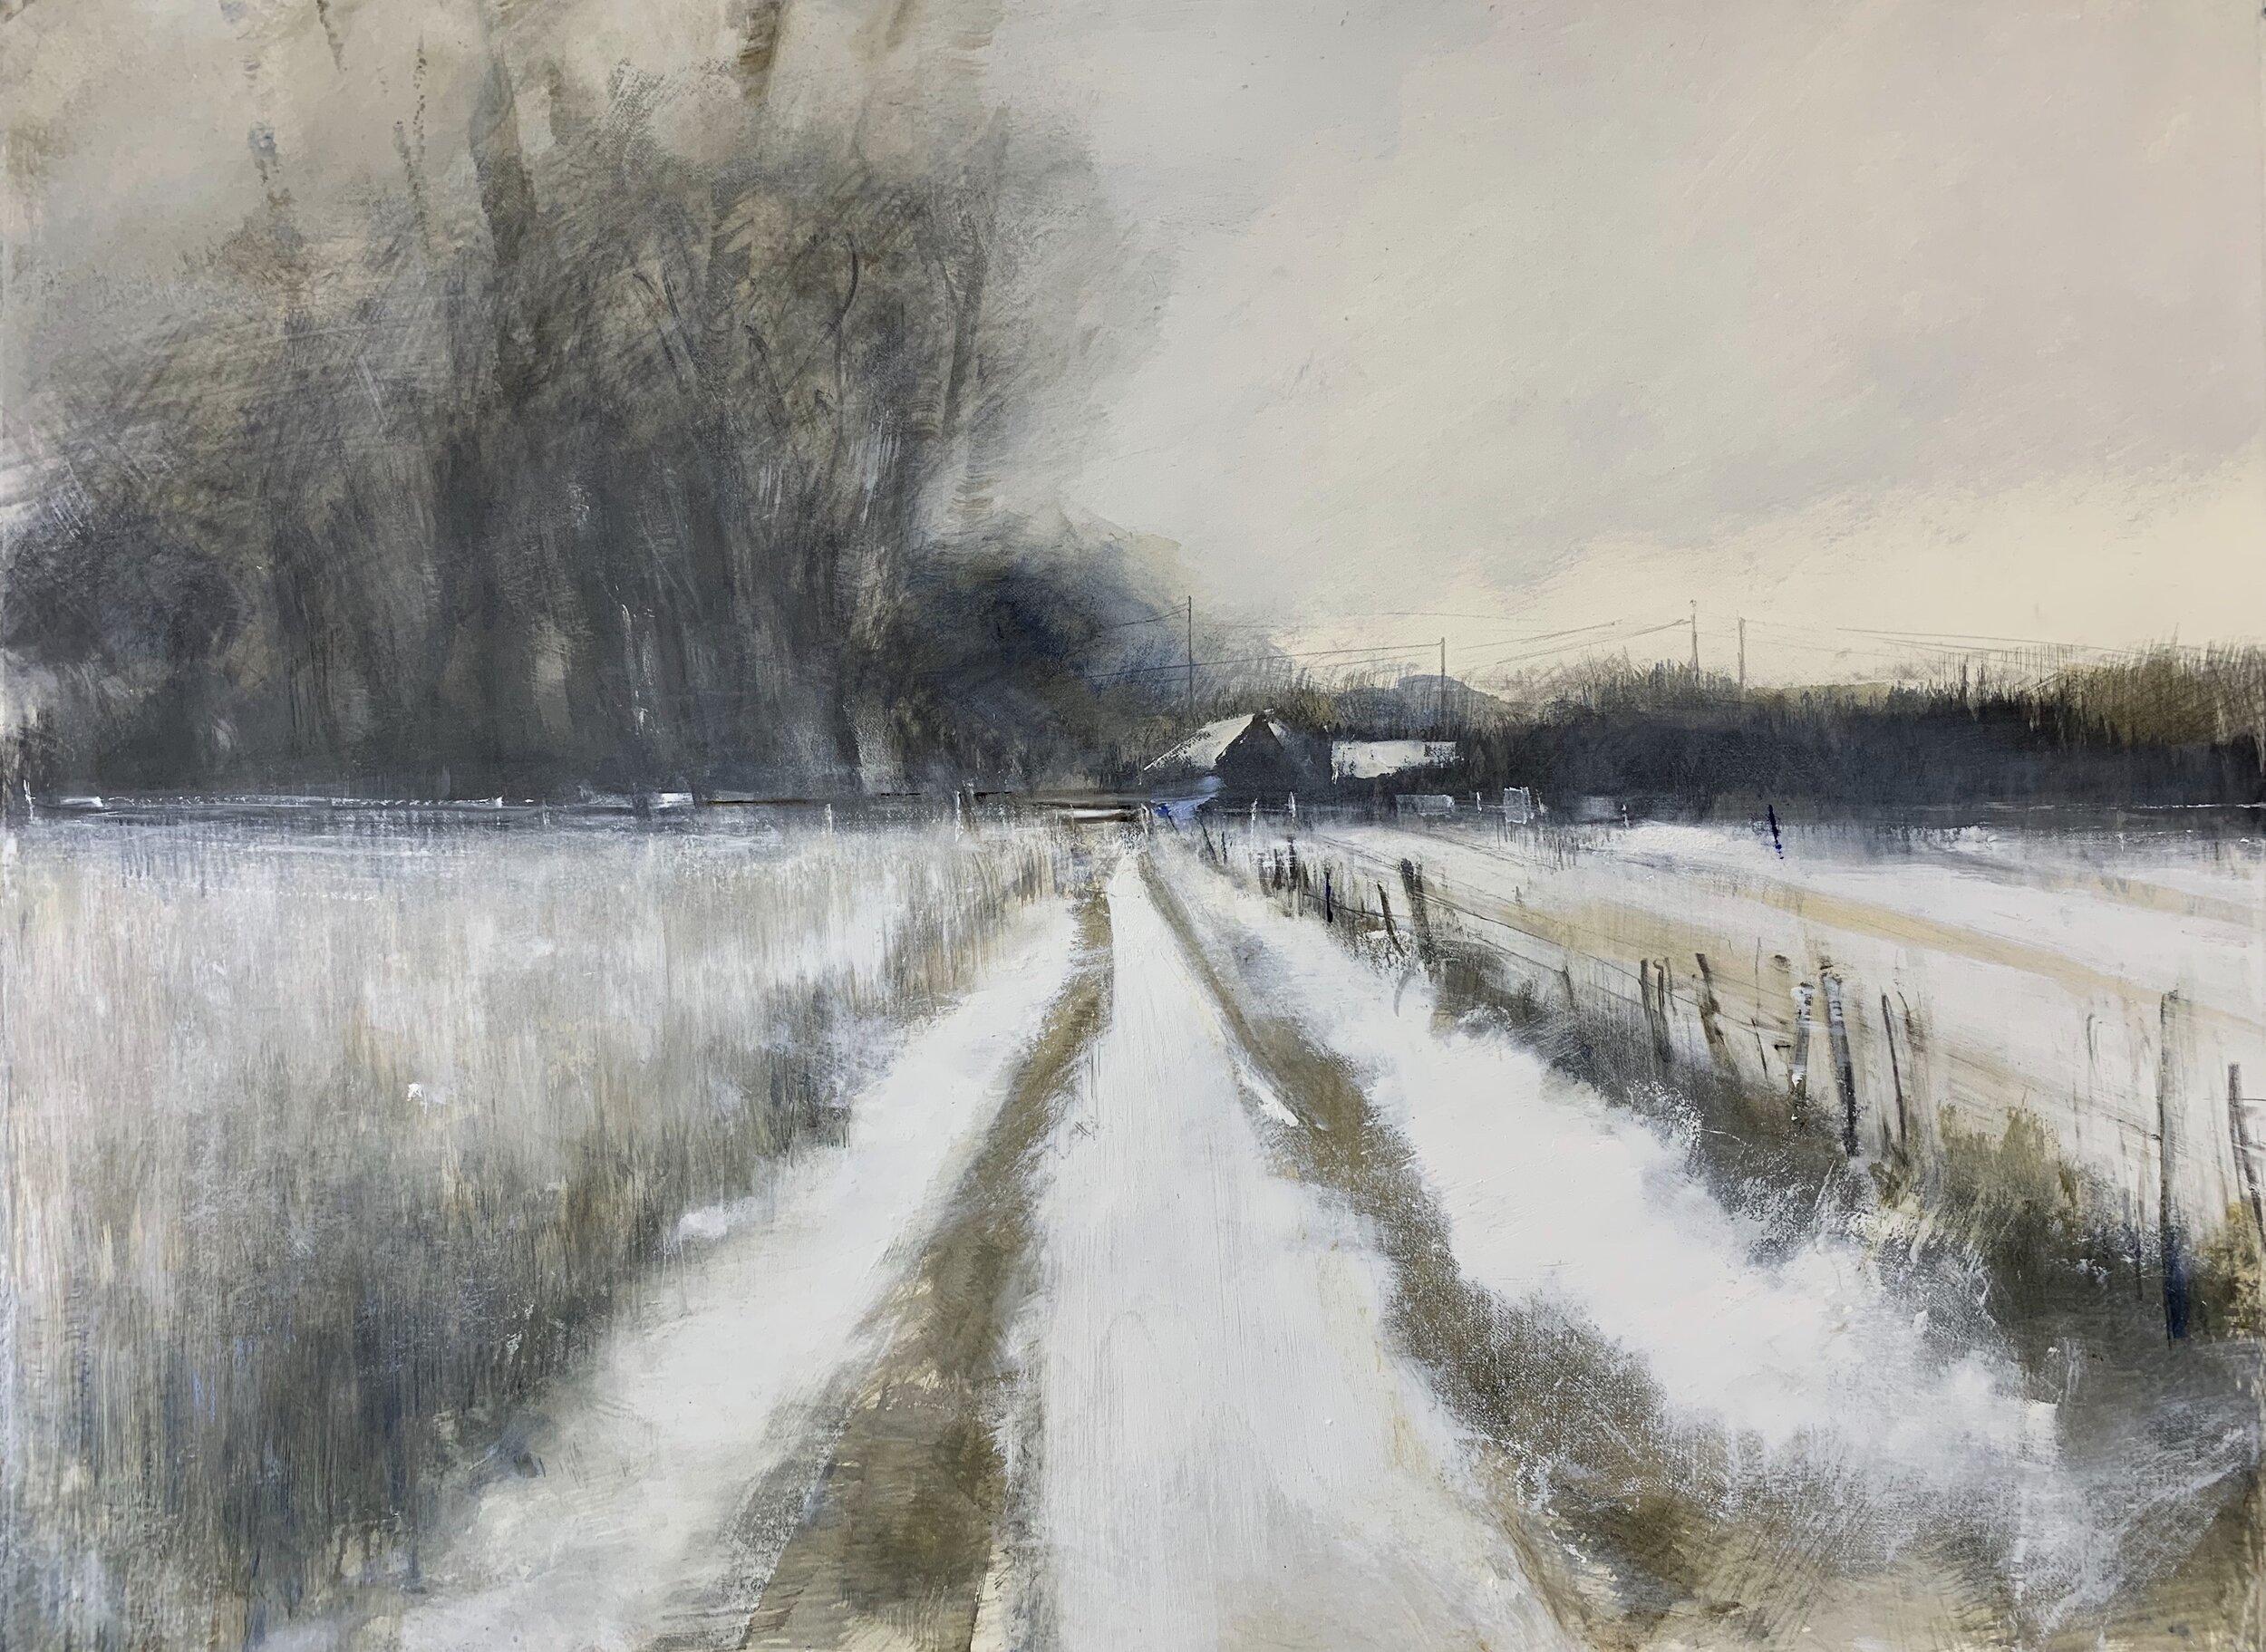 Deserted Farm, Winter.  Graphite, gesso, oil and watercolour on paper. 56 x 77cm